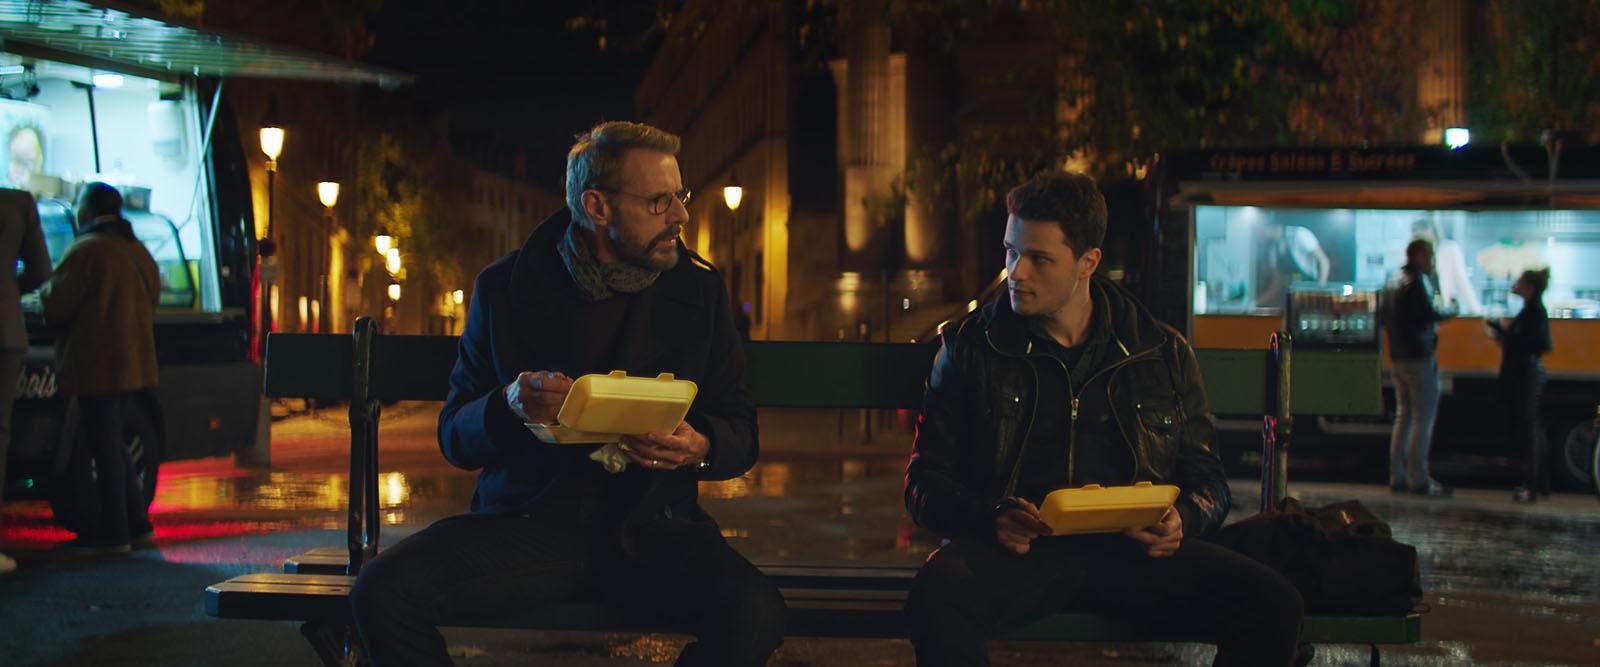 Nelle tue mani: Lambert Wilson, Jules Benchetrit in una scena